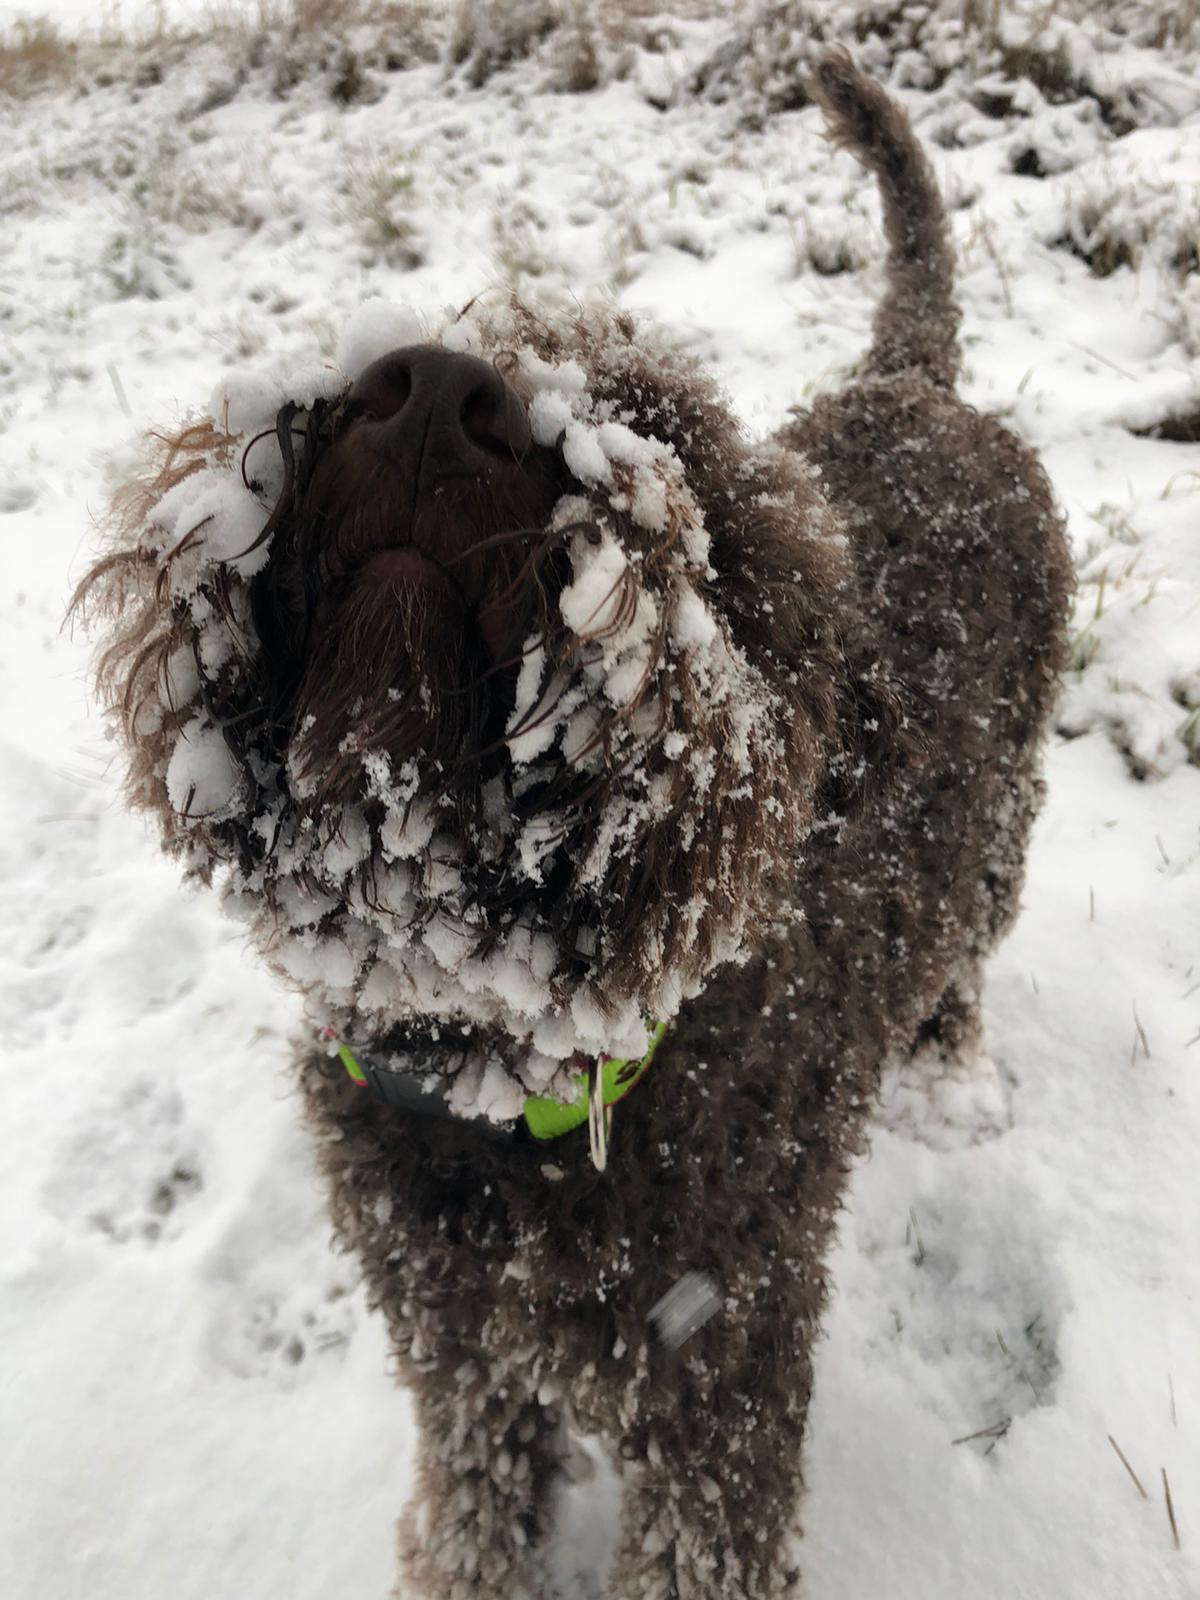 Amarena schickt Neujahrsgrüsse aus dem Schnee